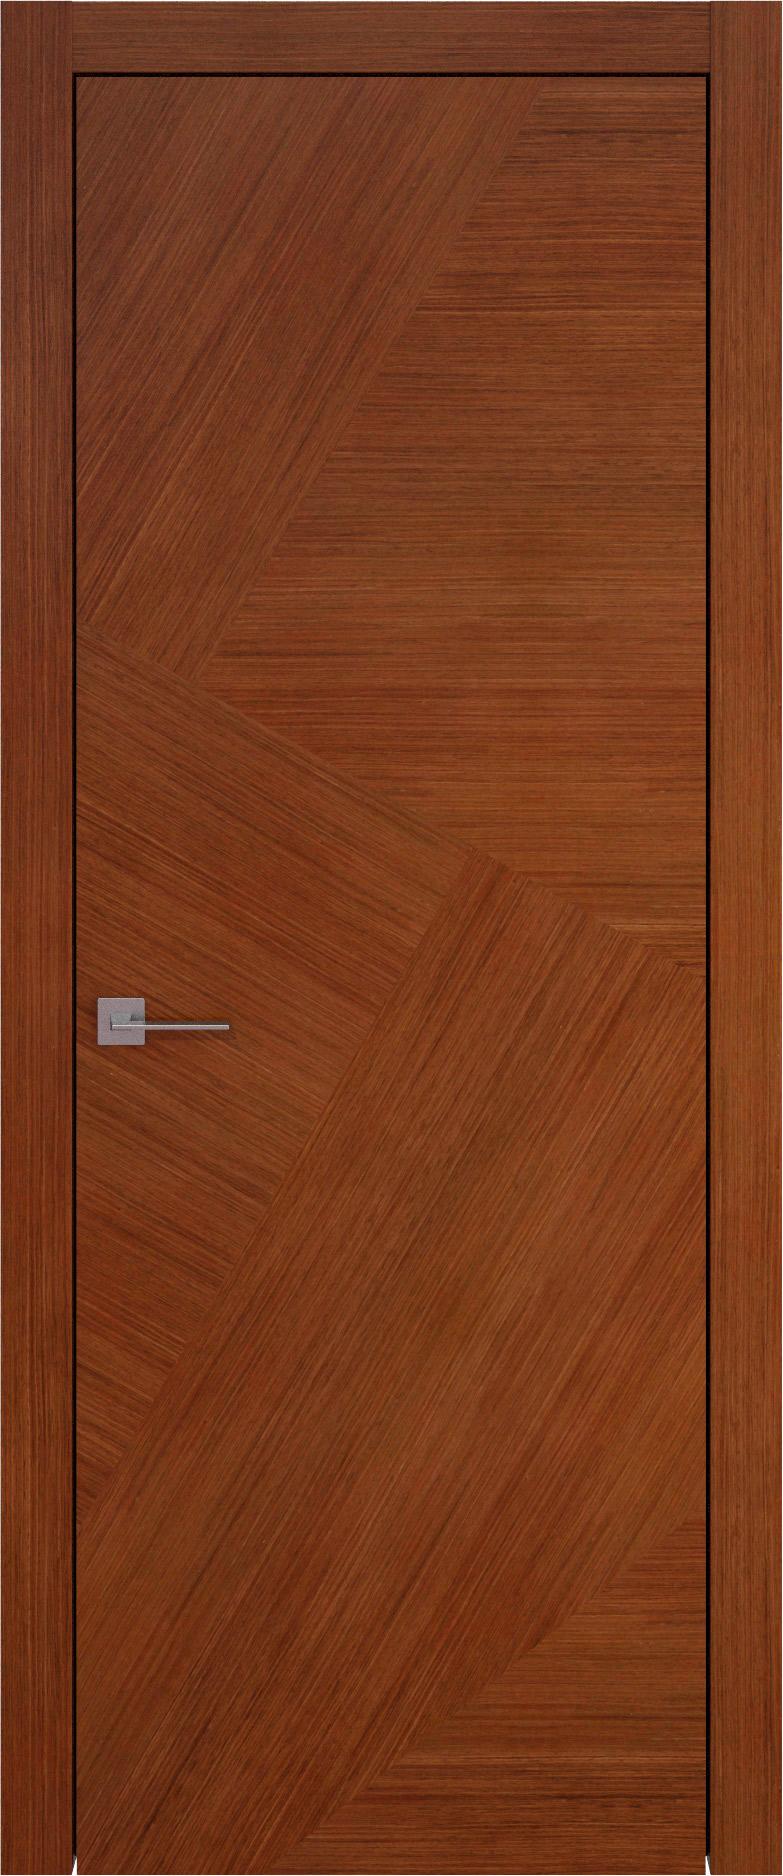 Tivoli М-1 цвет - Темный орех Без стекла (ДГ)